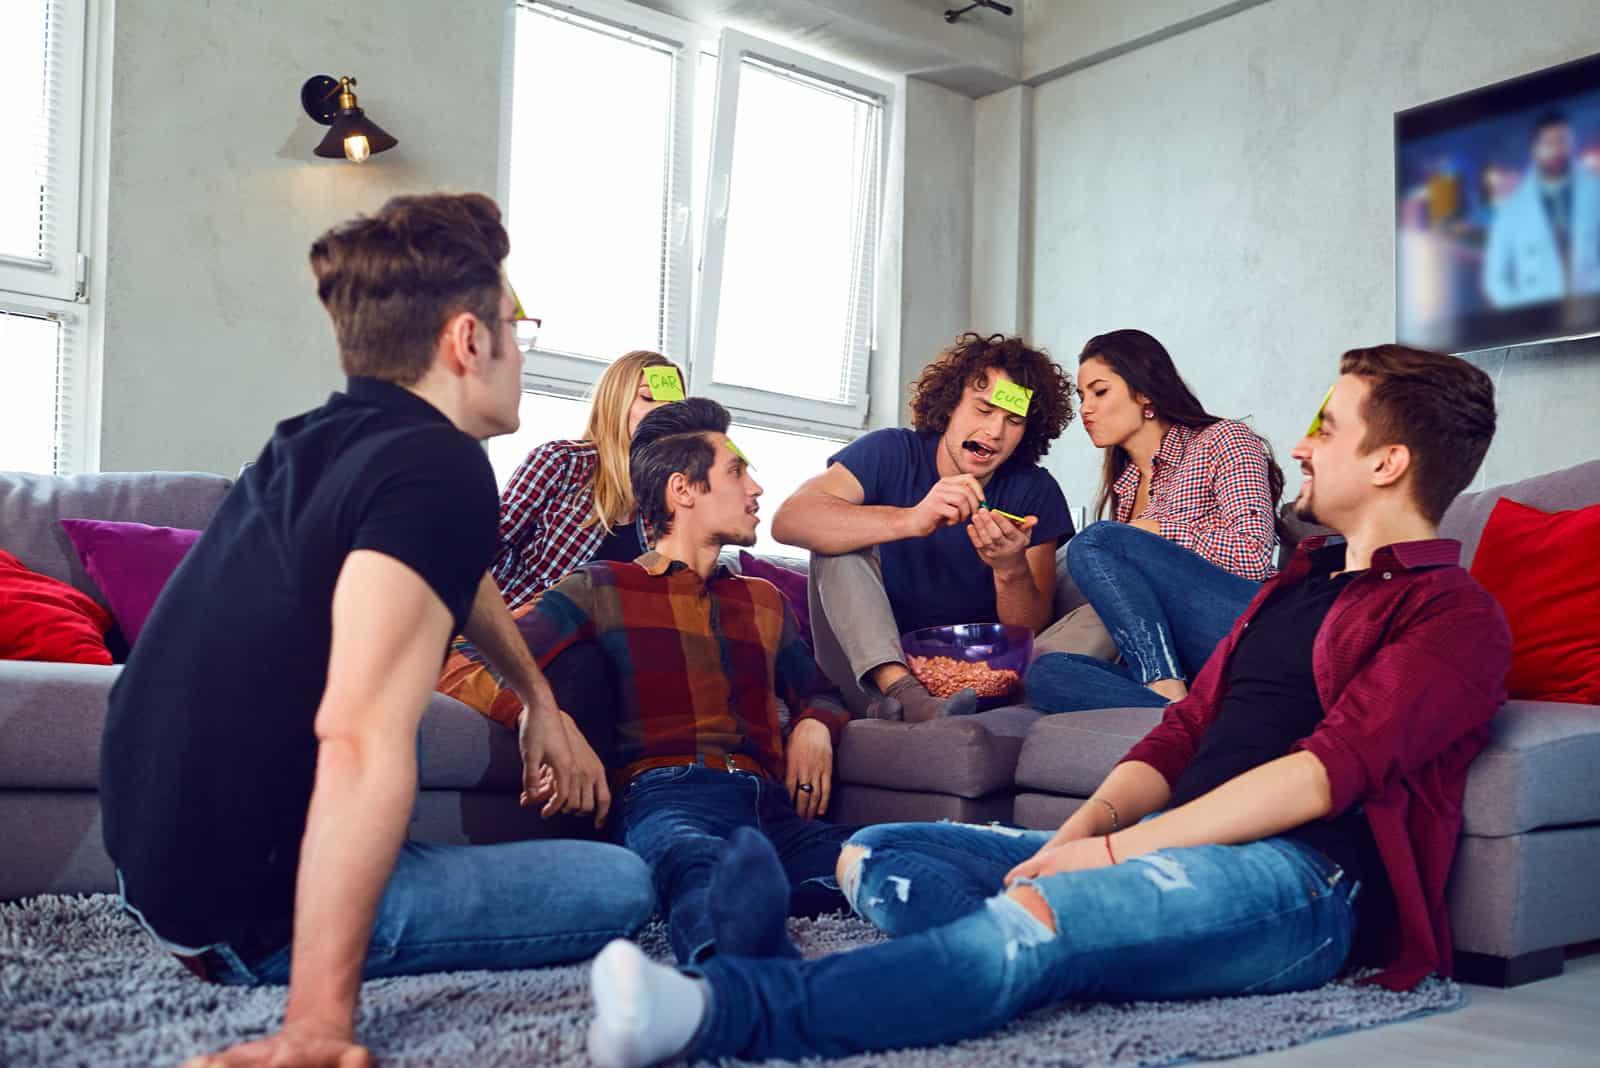 des amis s'assoient par terre et jouent à un jeu